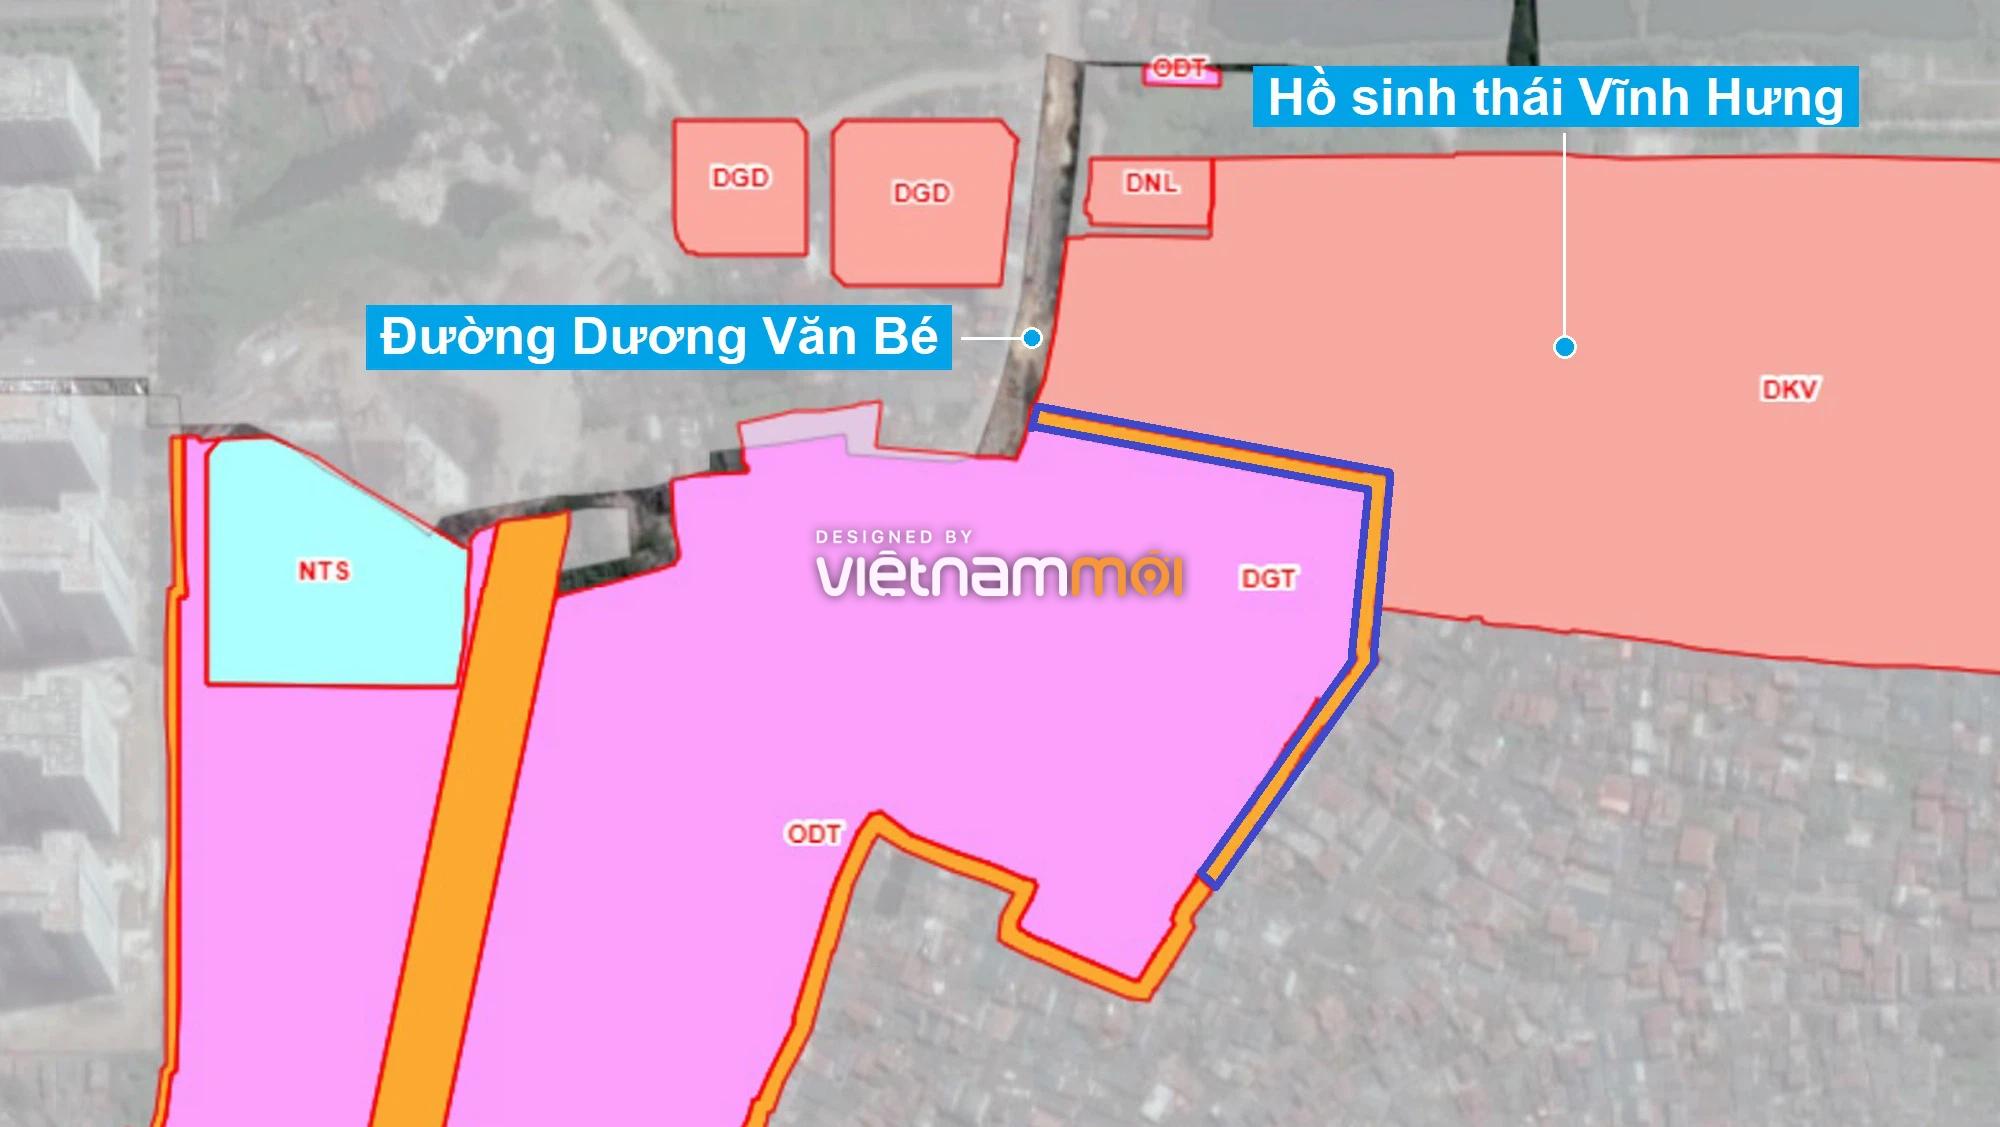 Những khu đất sắp thu hồi để mở đường ở quận Hoàng Mai, Hà Nội (phần 3) - Ảnh 15.